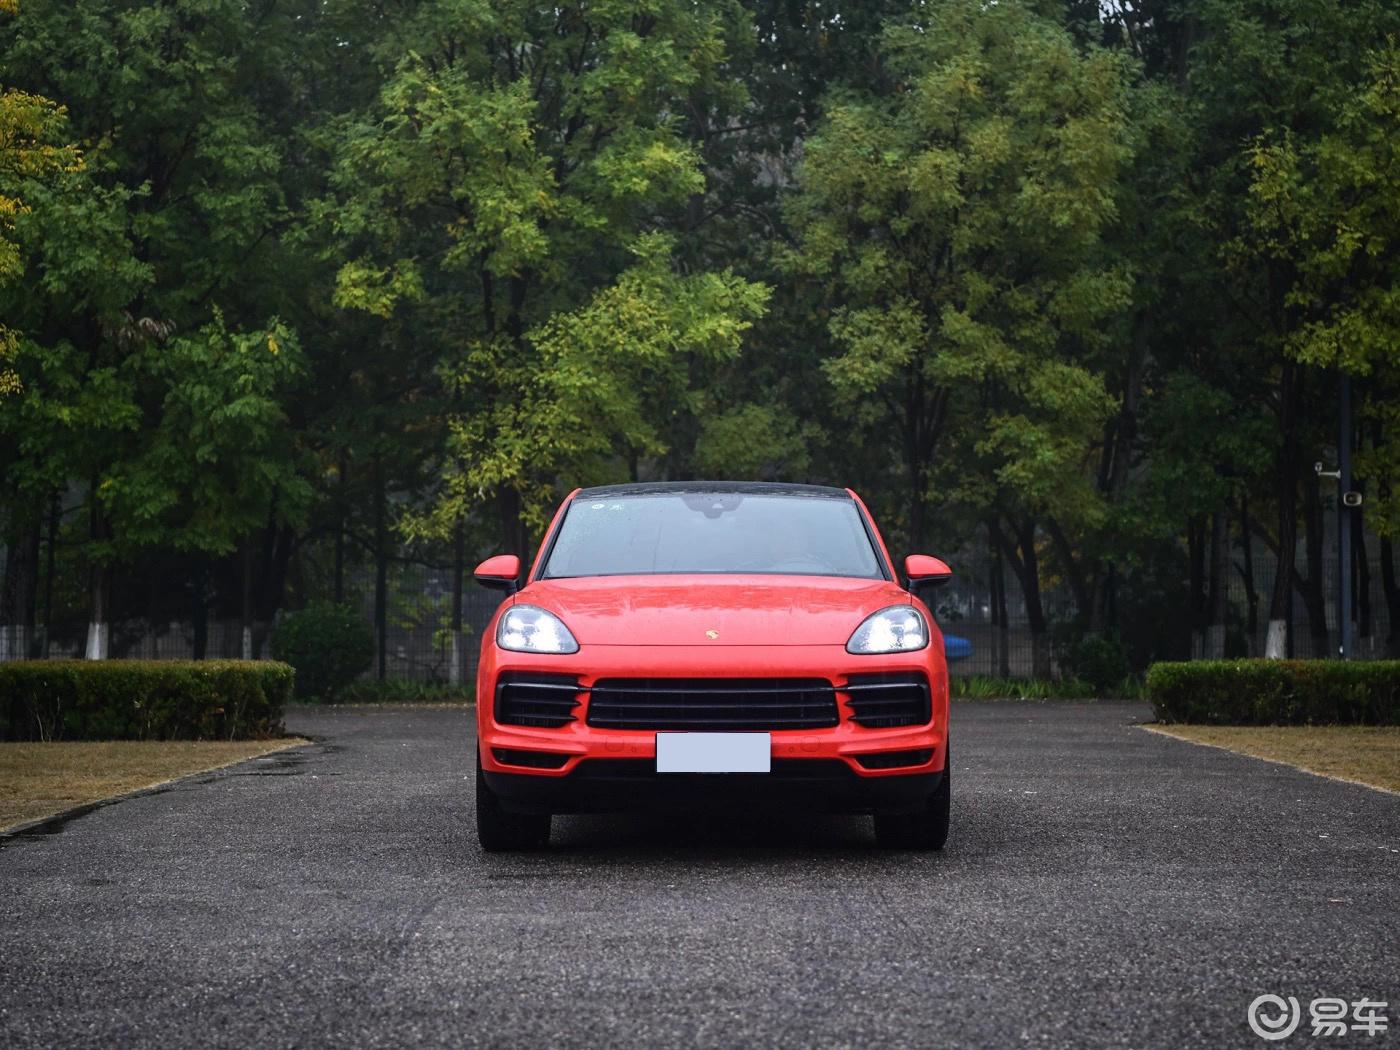 豪华轿跑SUV推荐,颜值性能兼备,路上吸睛无数